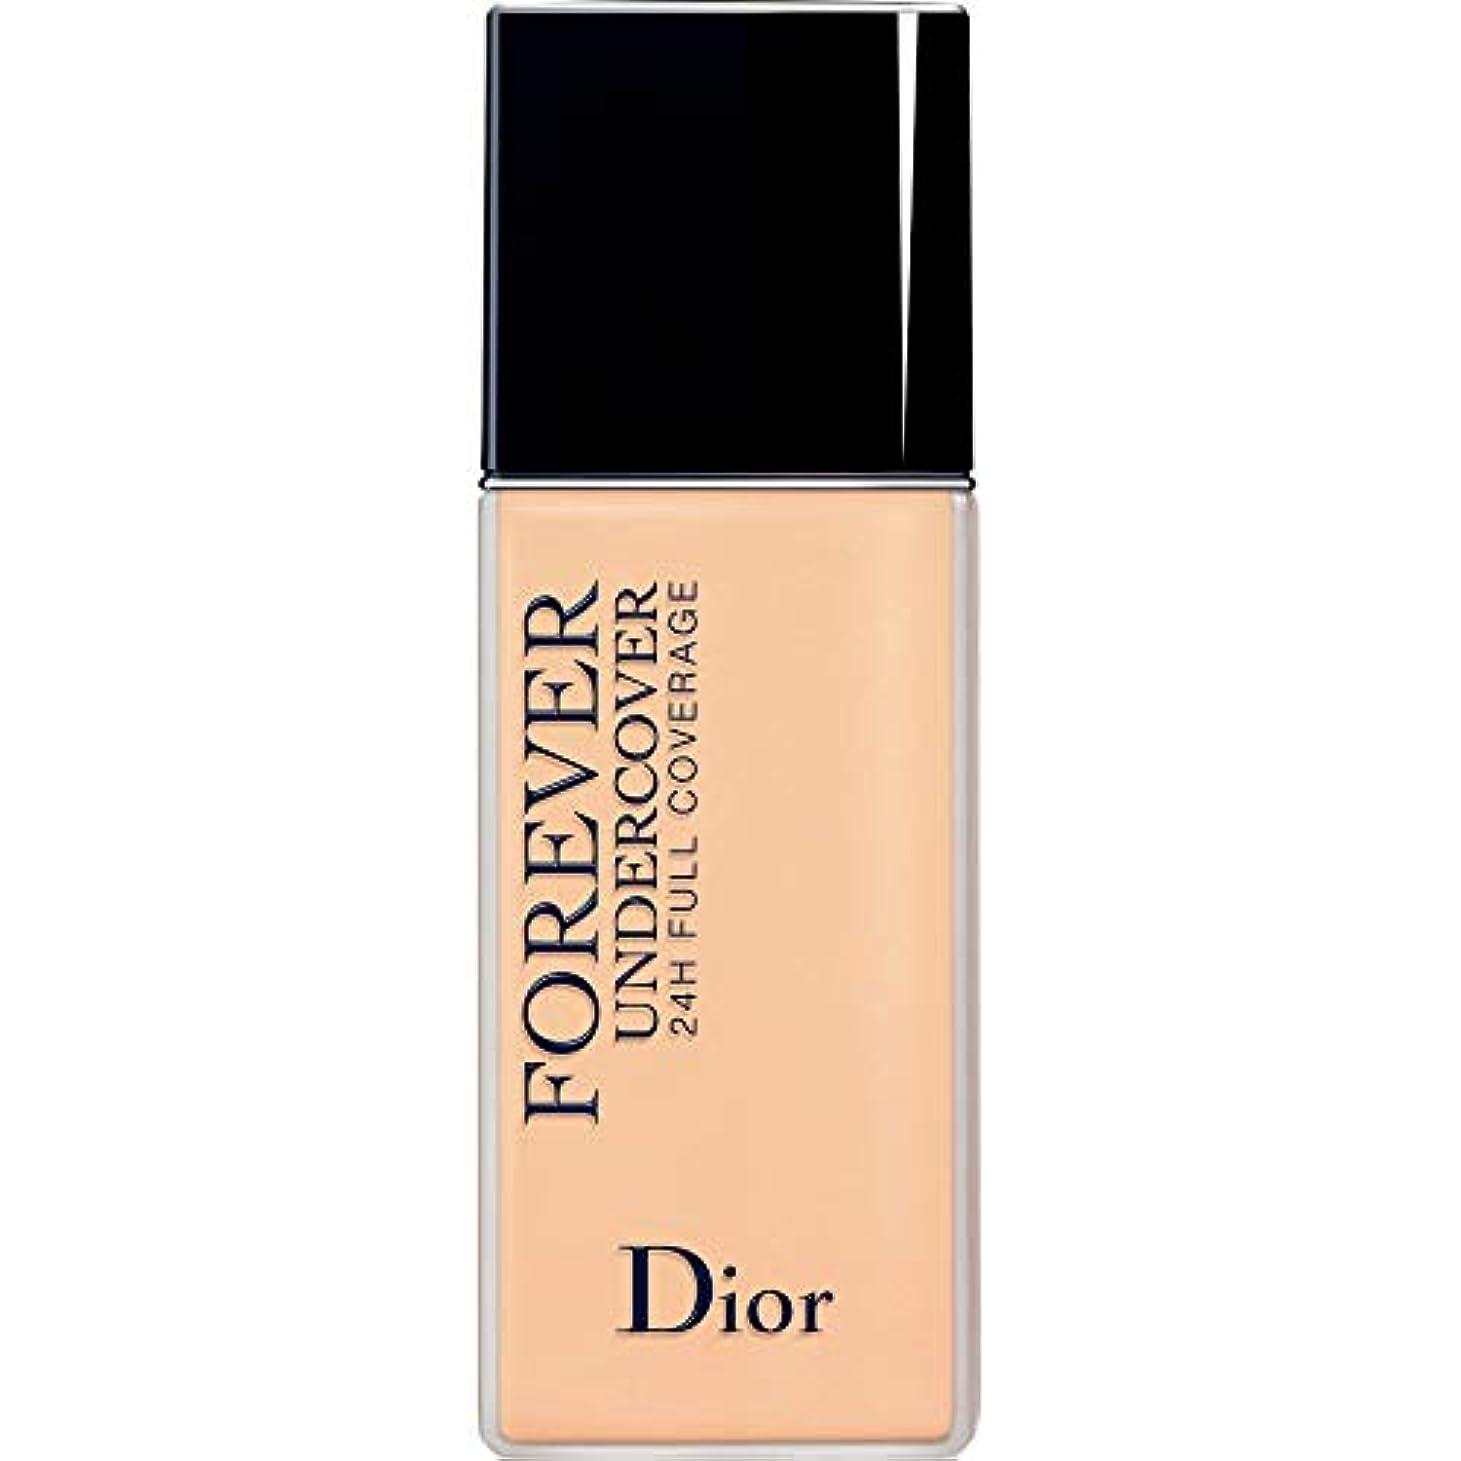 眠っているチャートペット[Dior ] ディオールディオールスキン永遠アンダーカバーフルカバーの基礎40ミリリットル021 - リネン - DIOR Diorskin Forever Undercover Full Coverage Foundation...